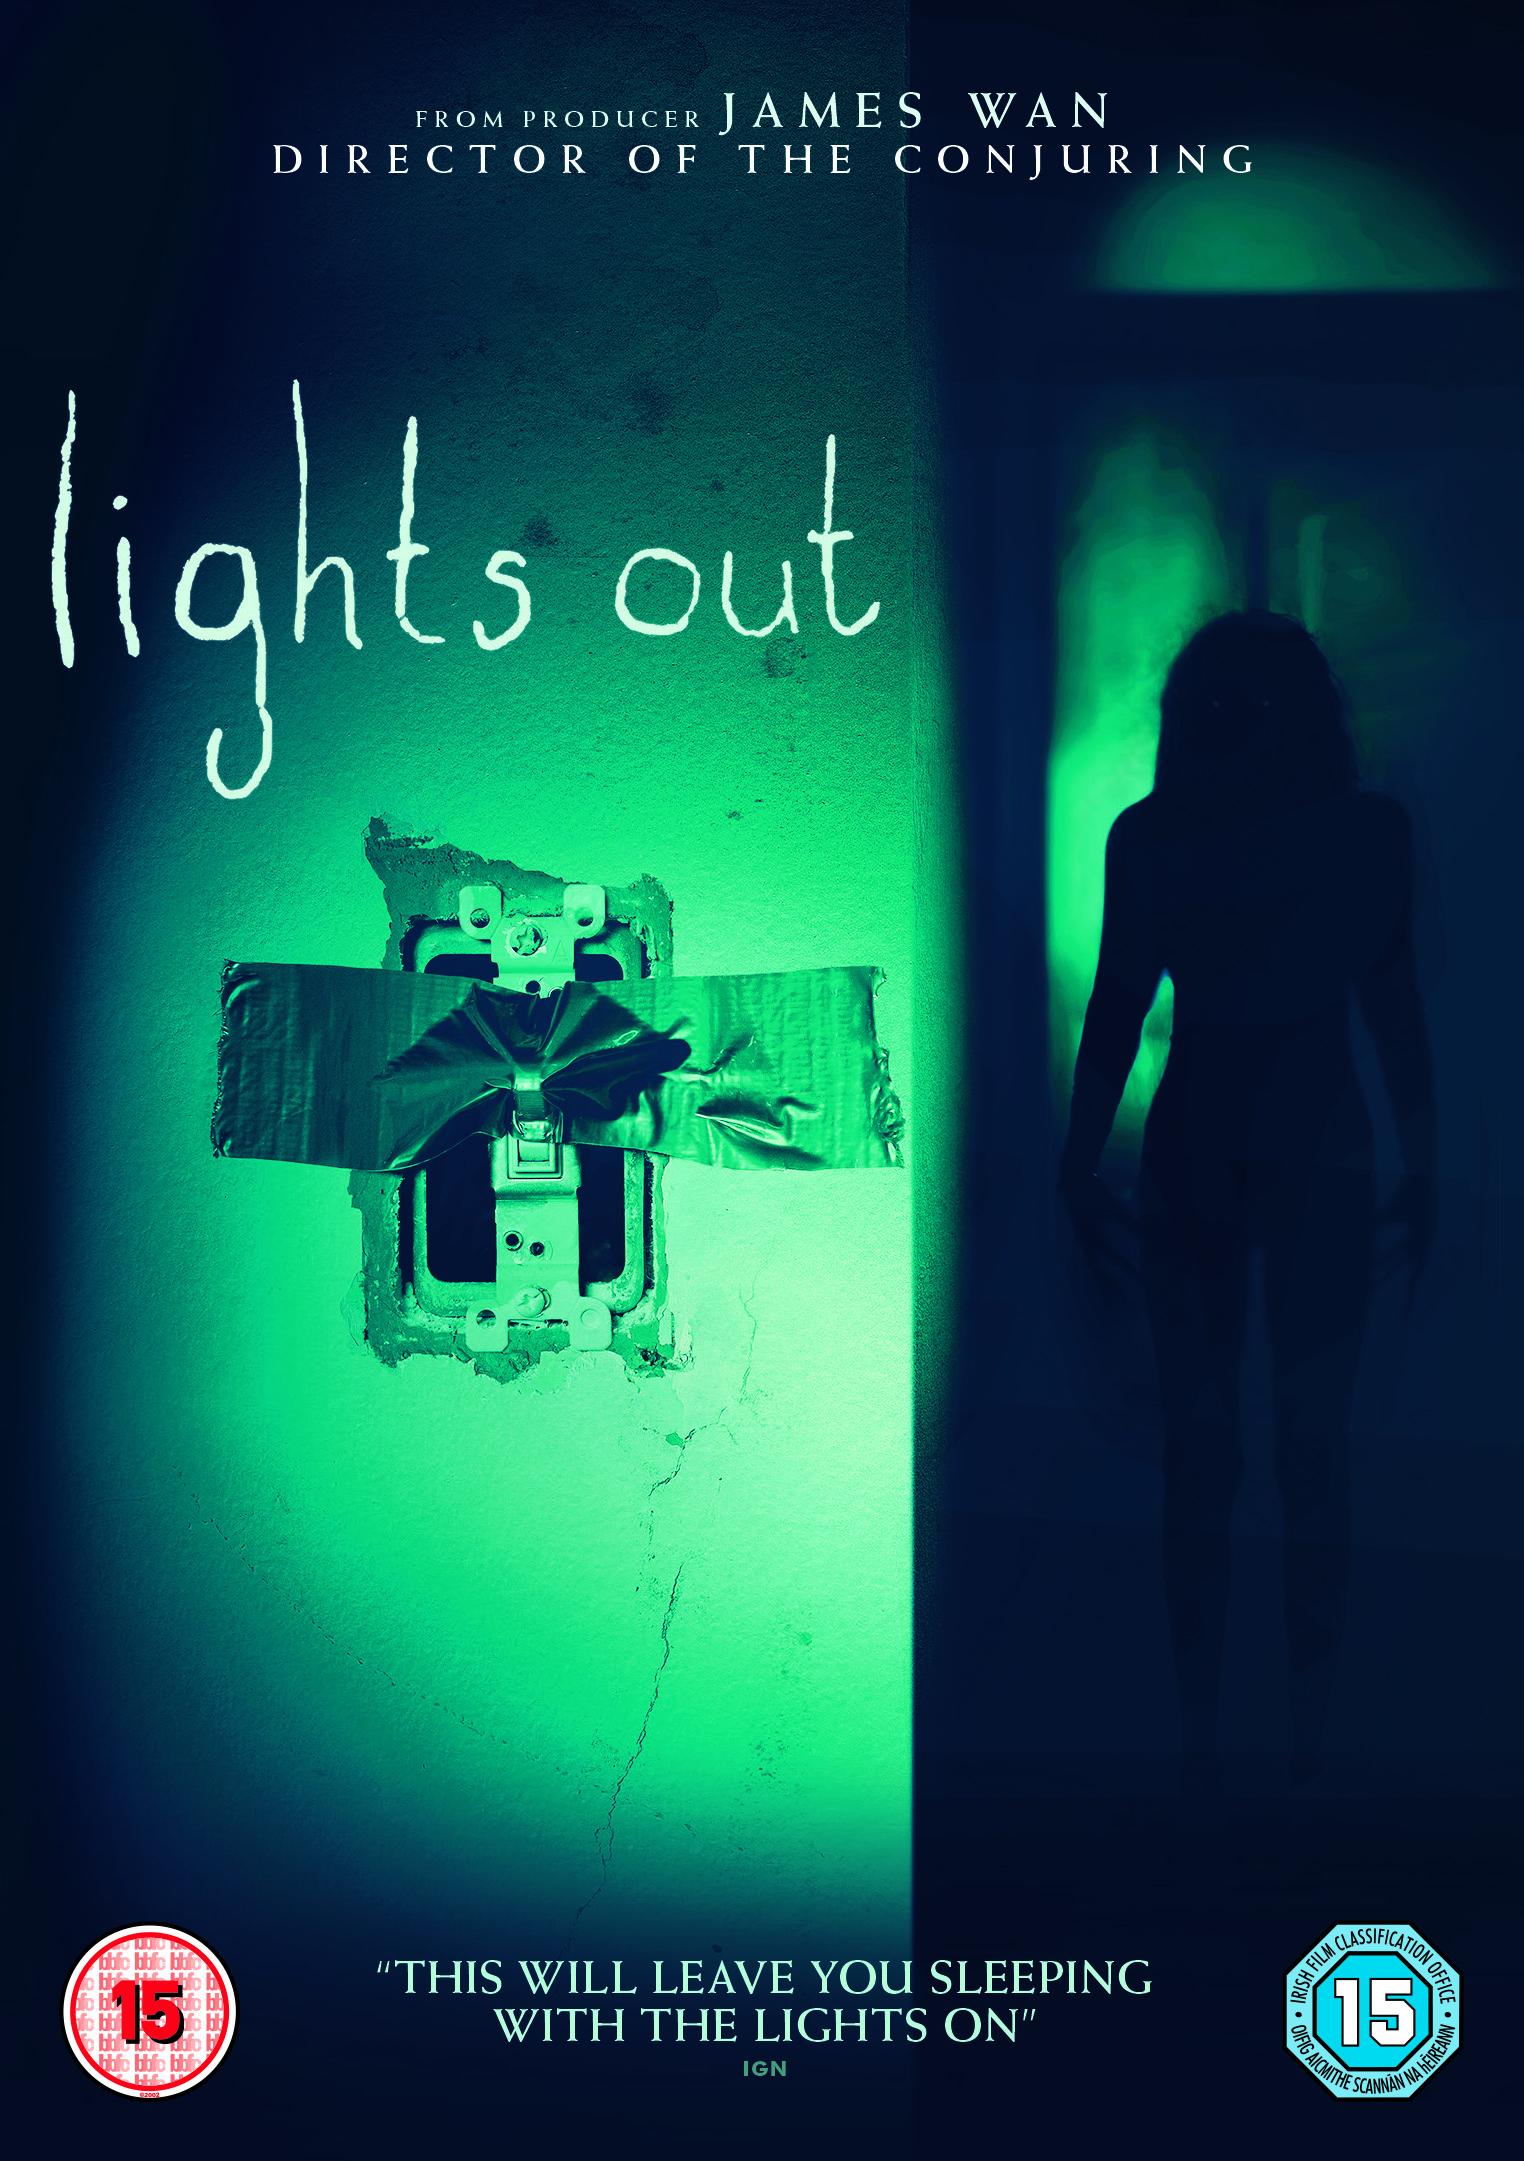 Lights Out Fetch Publicity